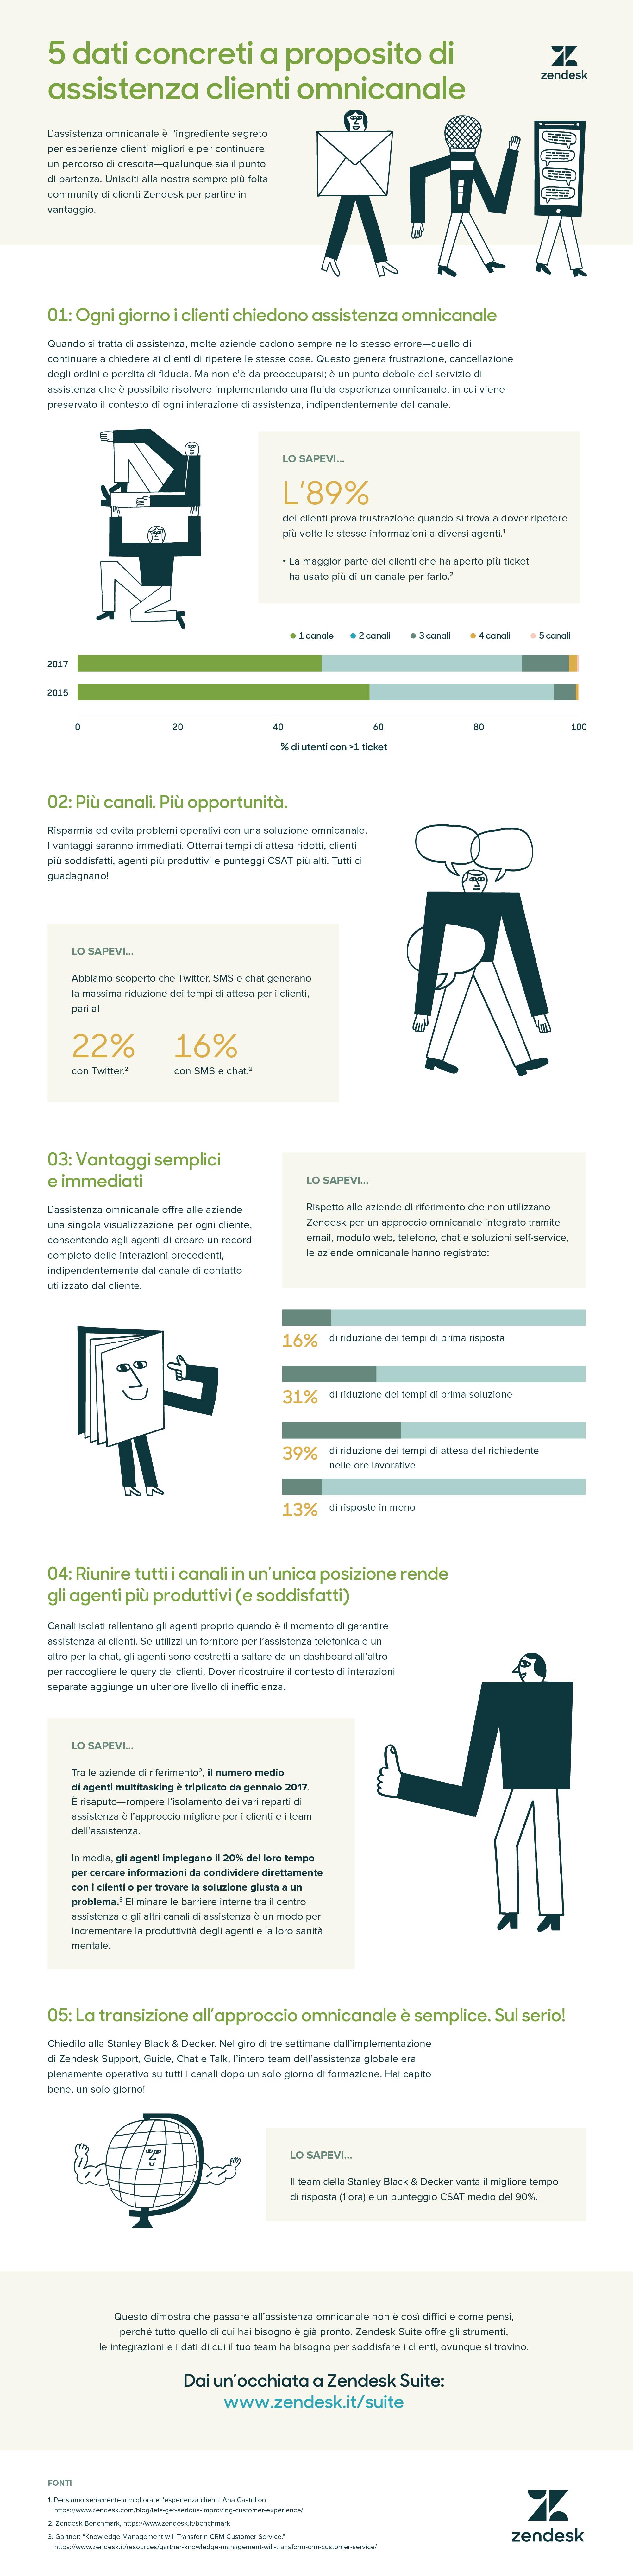 5 dati interessanti sull'assistenza omnicanale